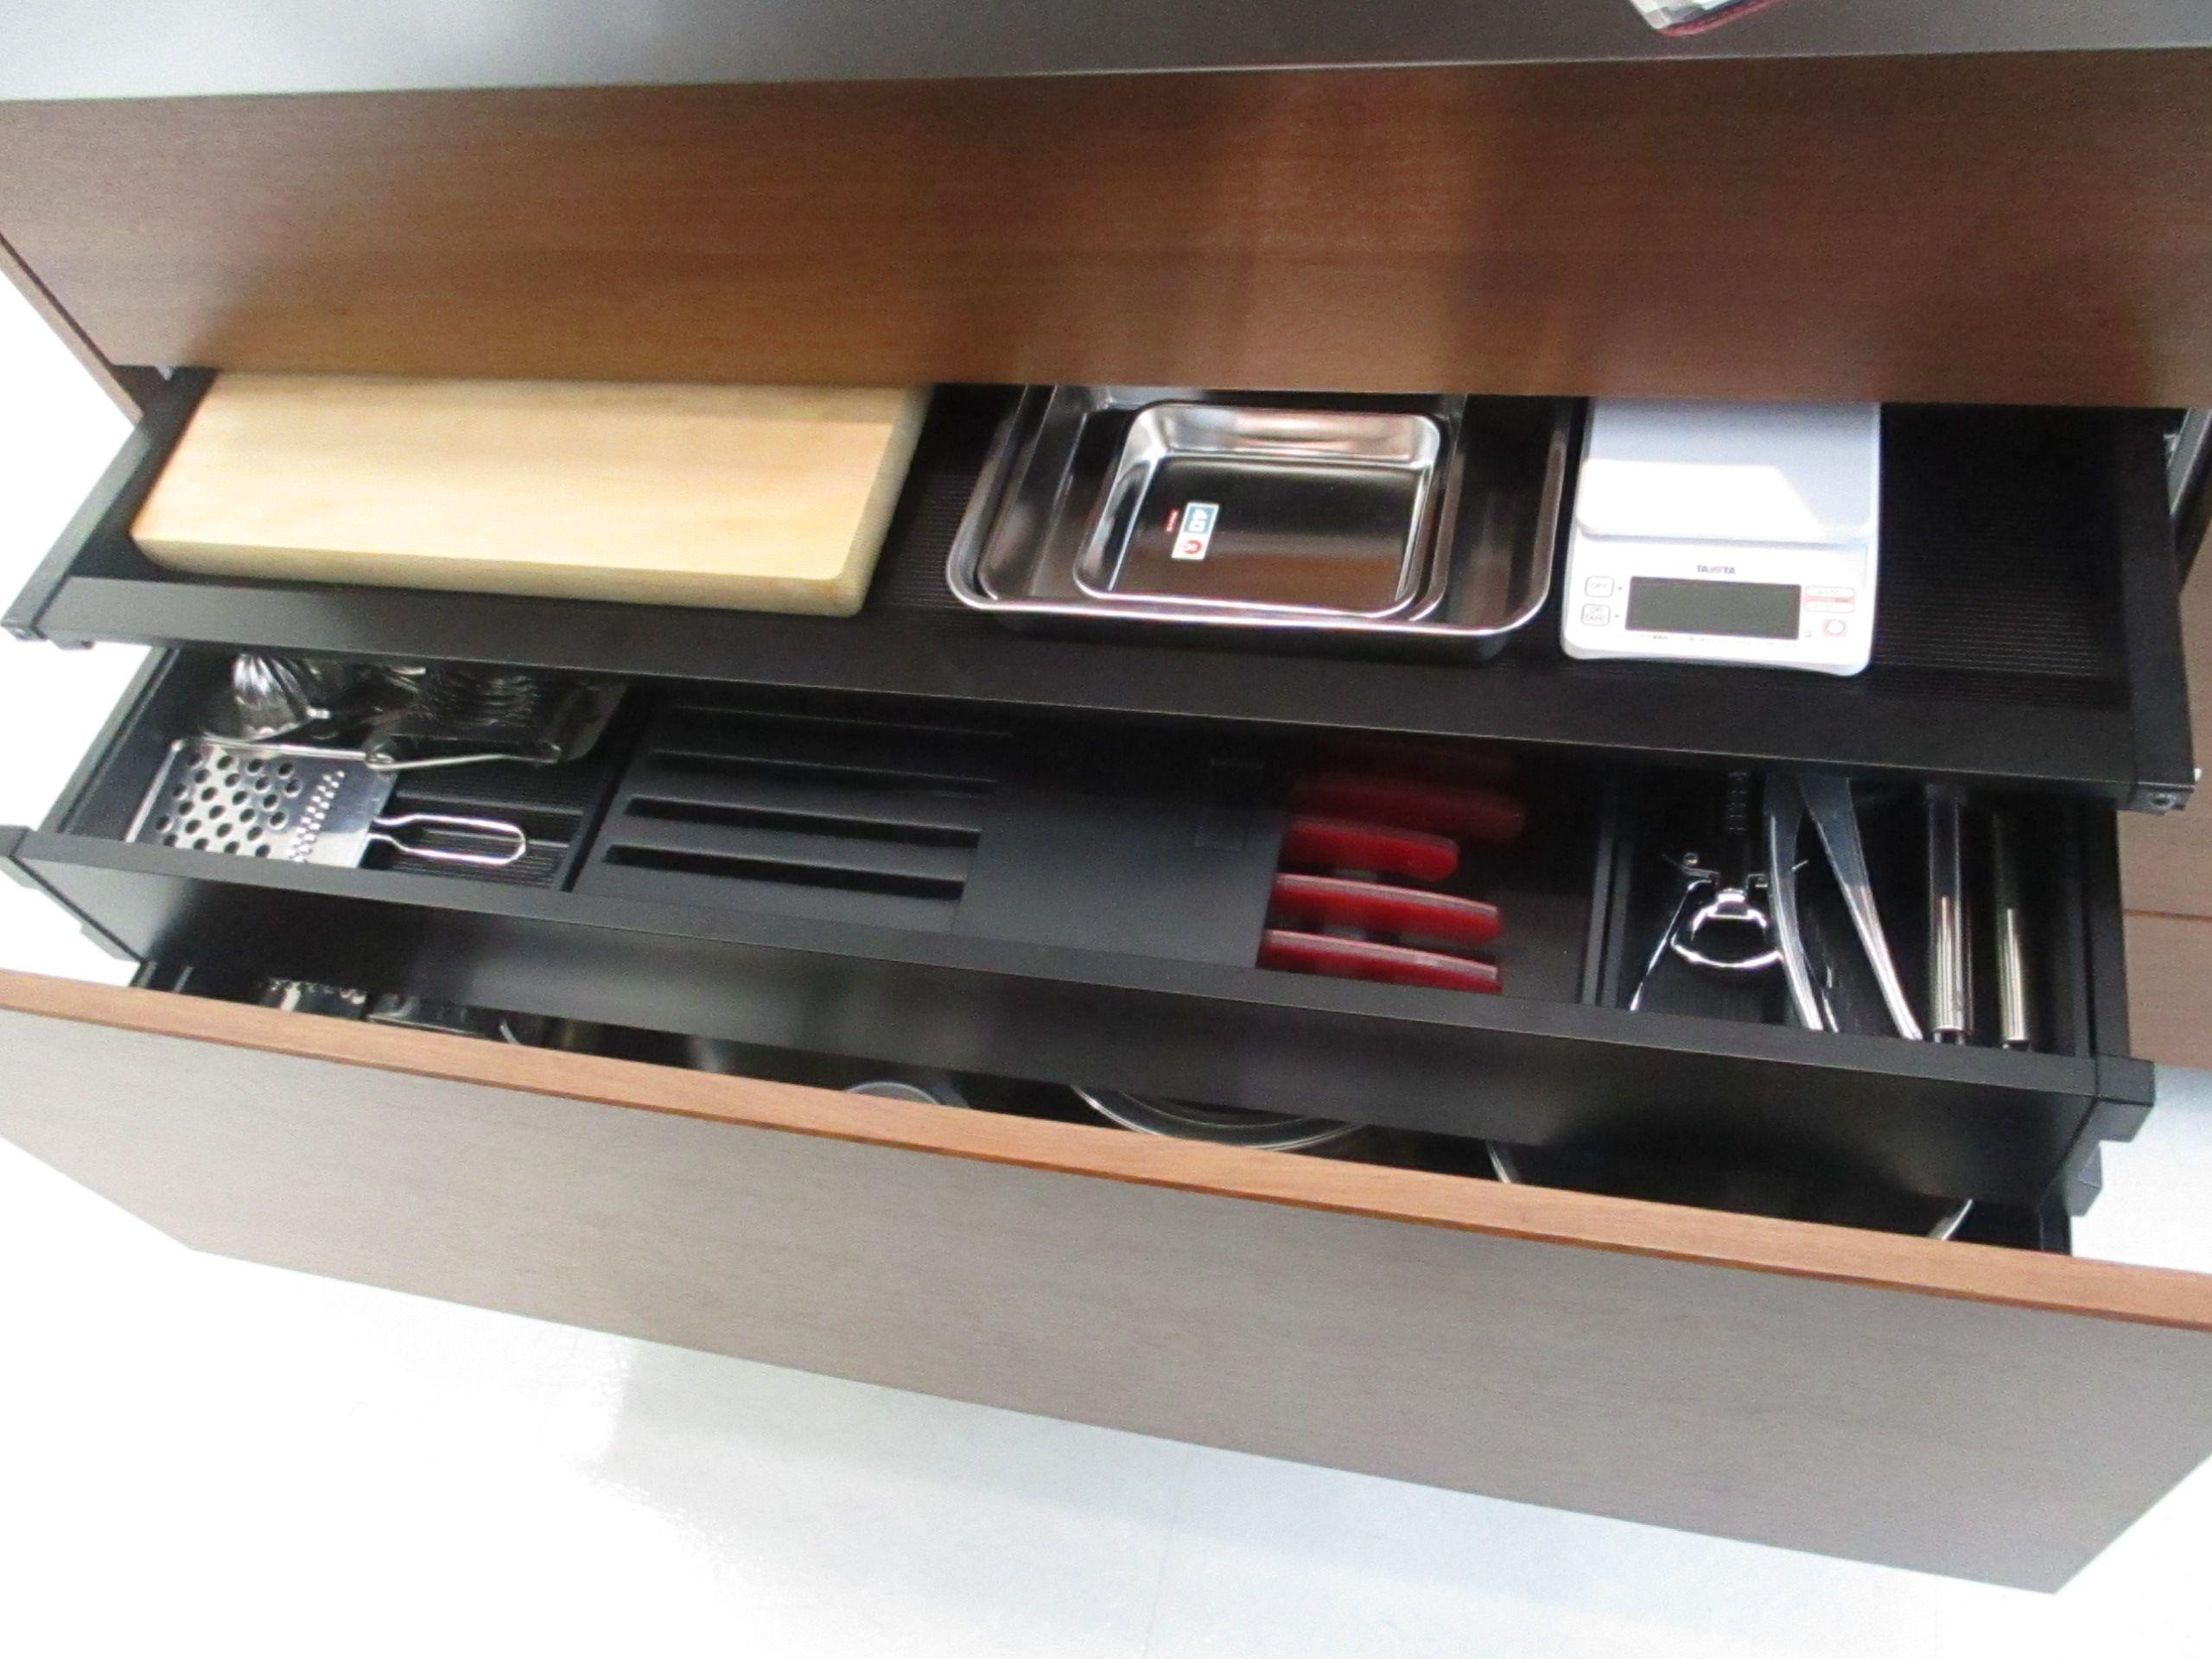 クリナップのキッチン セントロのシンクした収納です キッチン